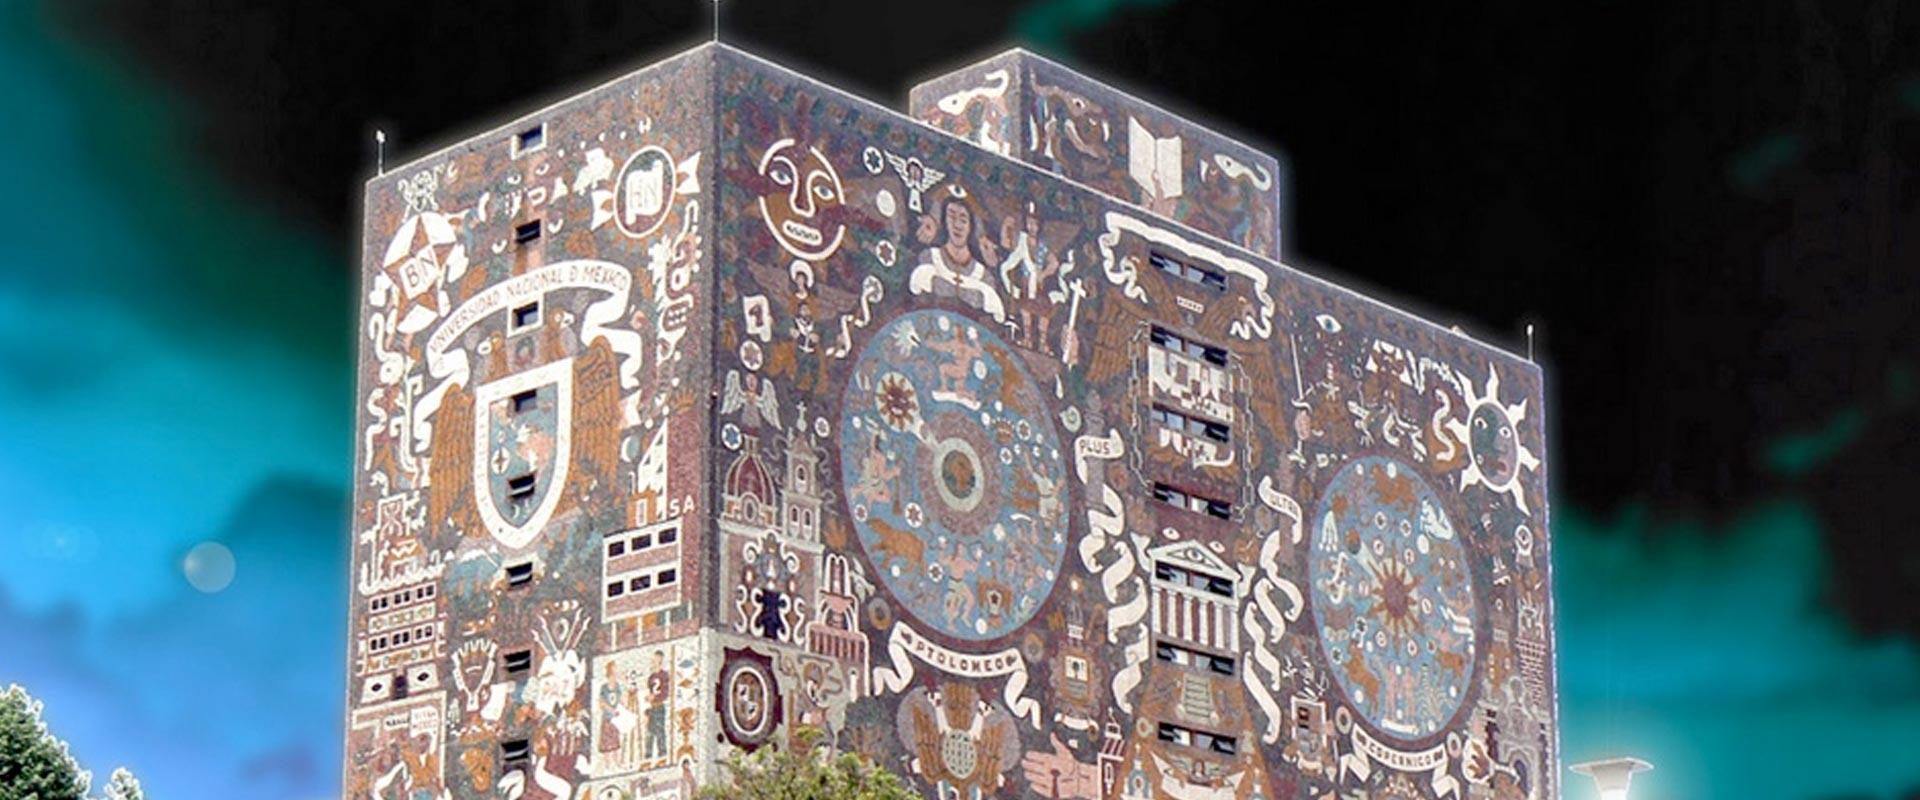 UNAM – National University